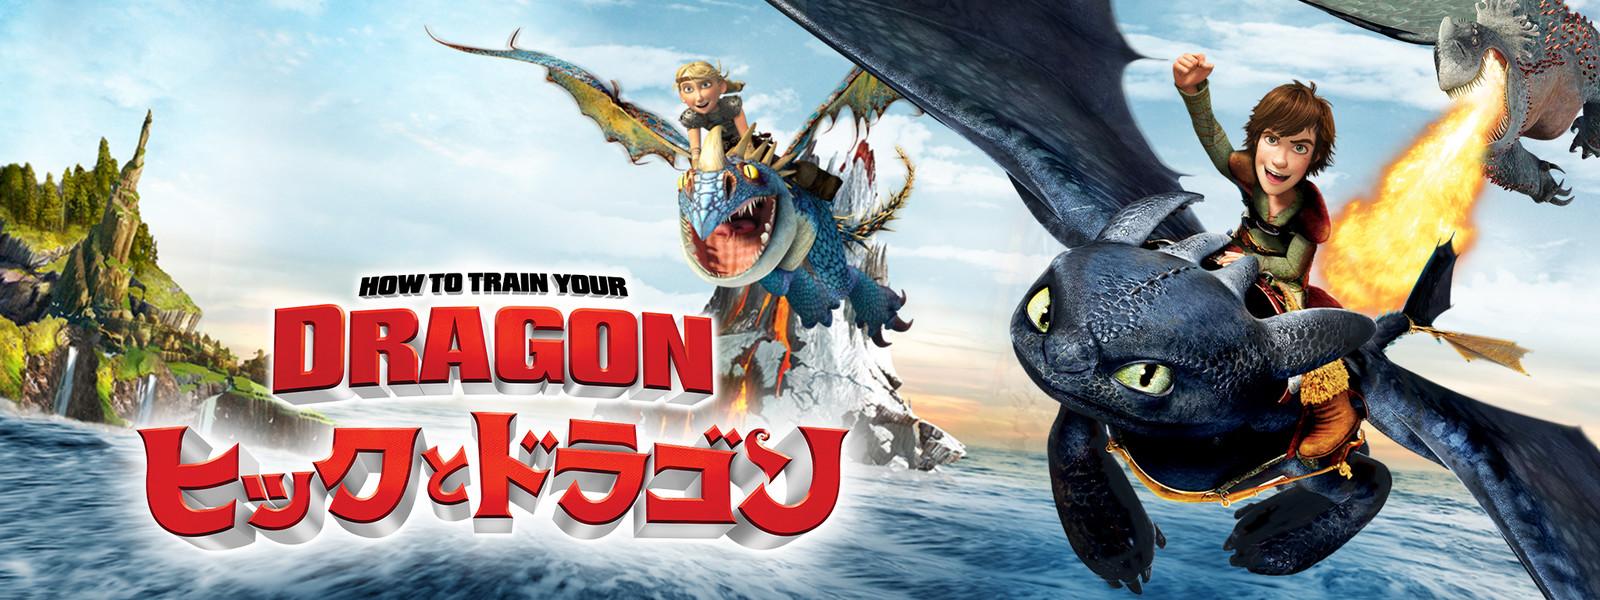 【無料映画】『ヒックとドラゴン』のフル動画を今すぐ無料で視聴しよう!【あらすじ・見どころをご紹介】